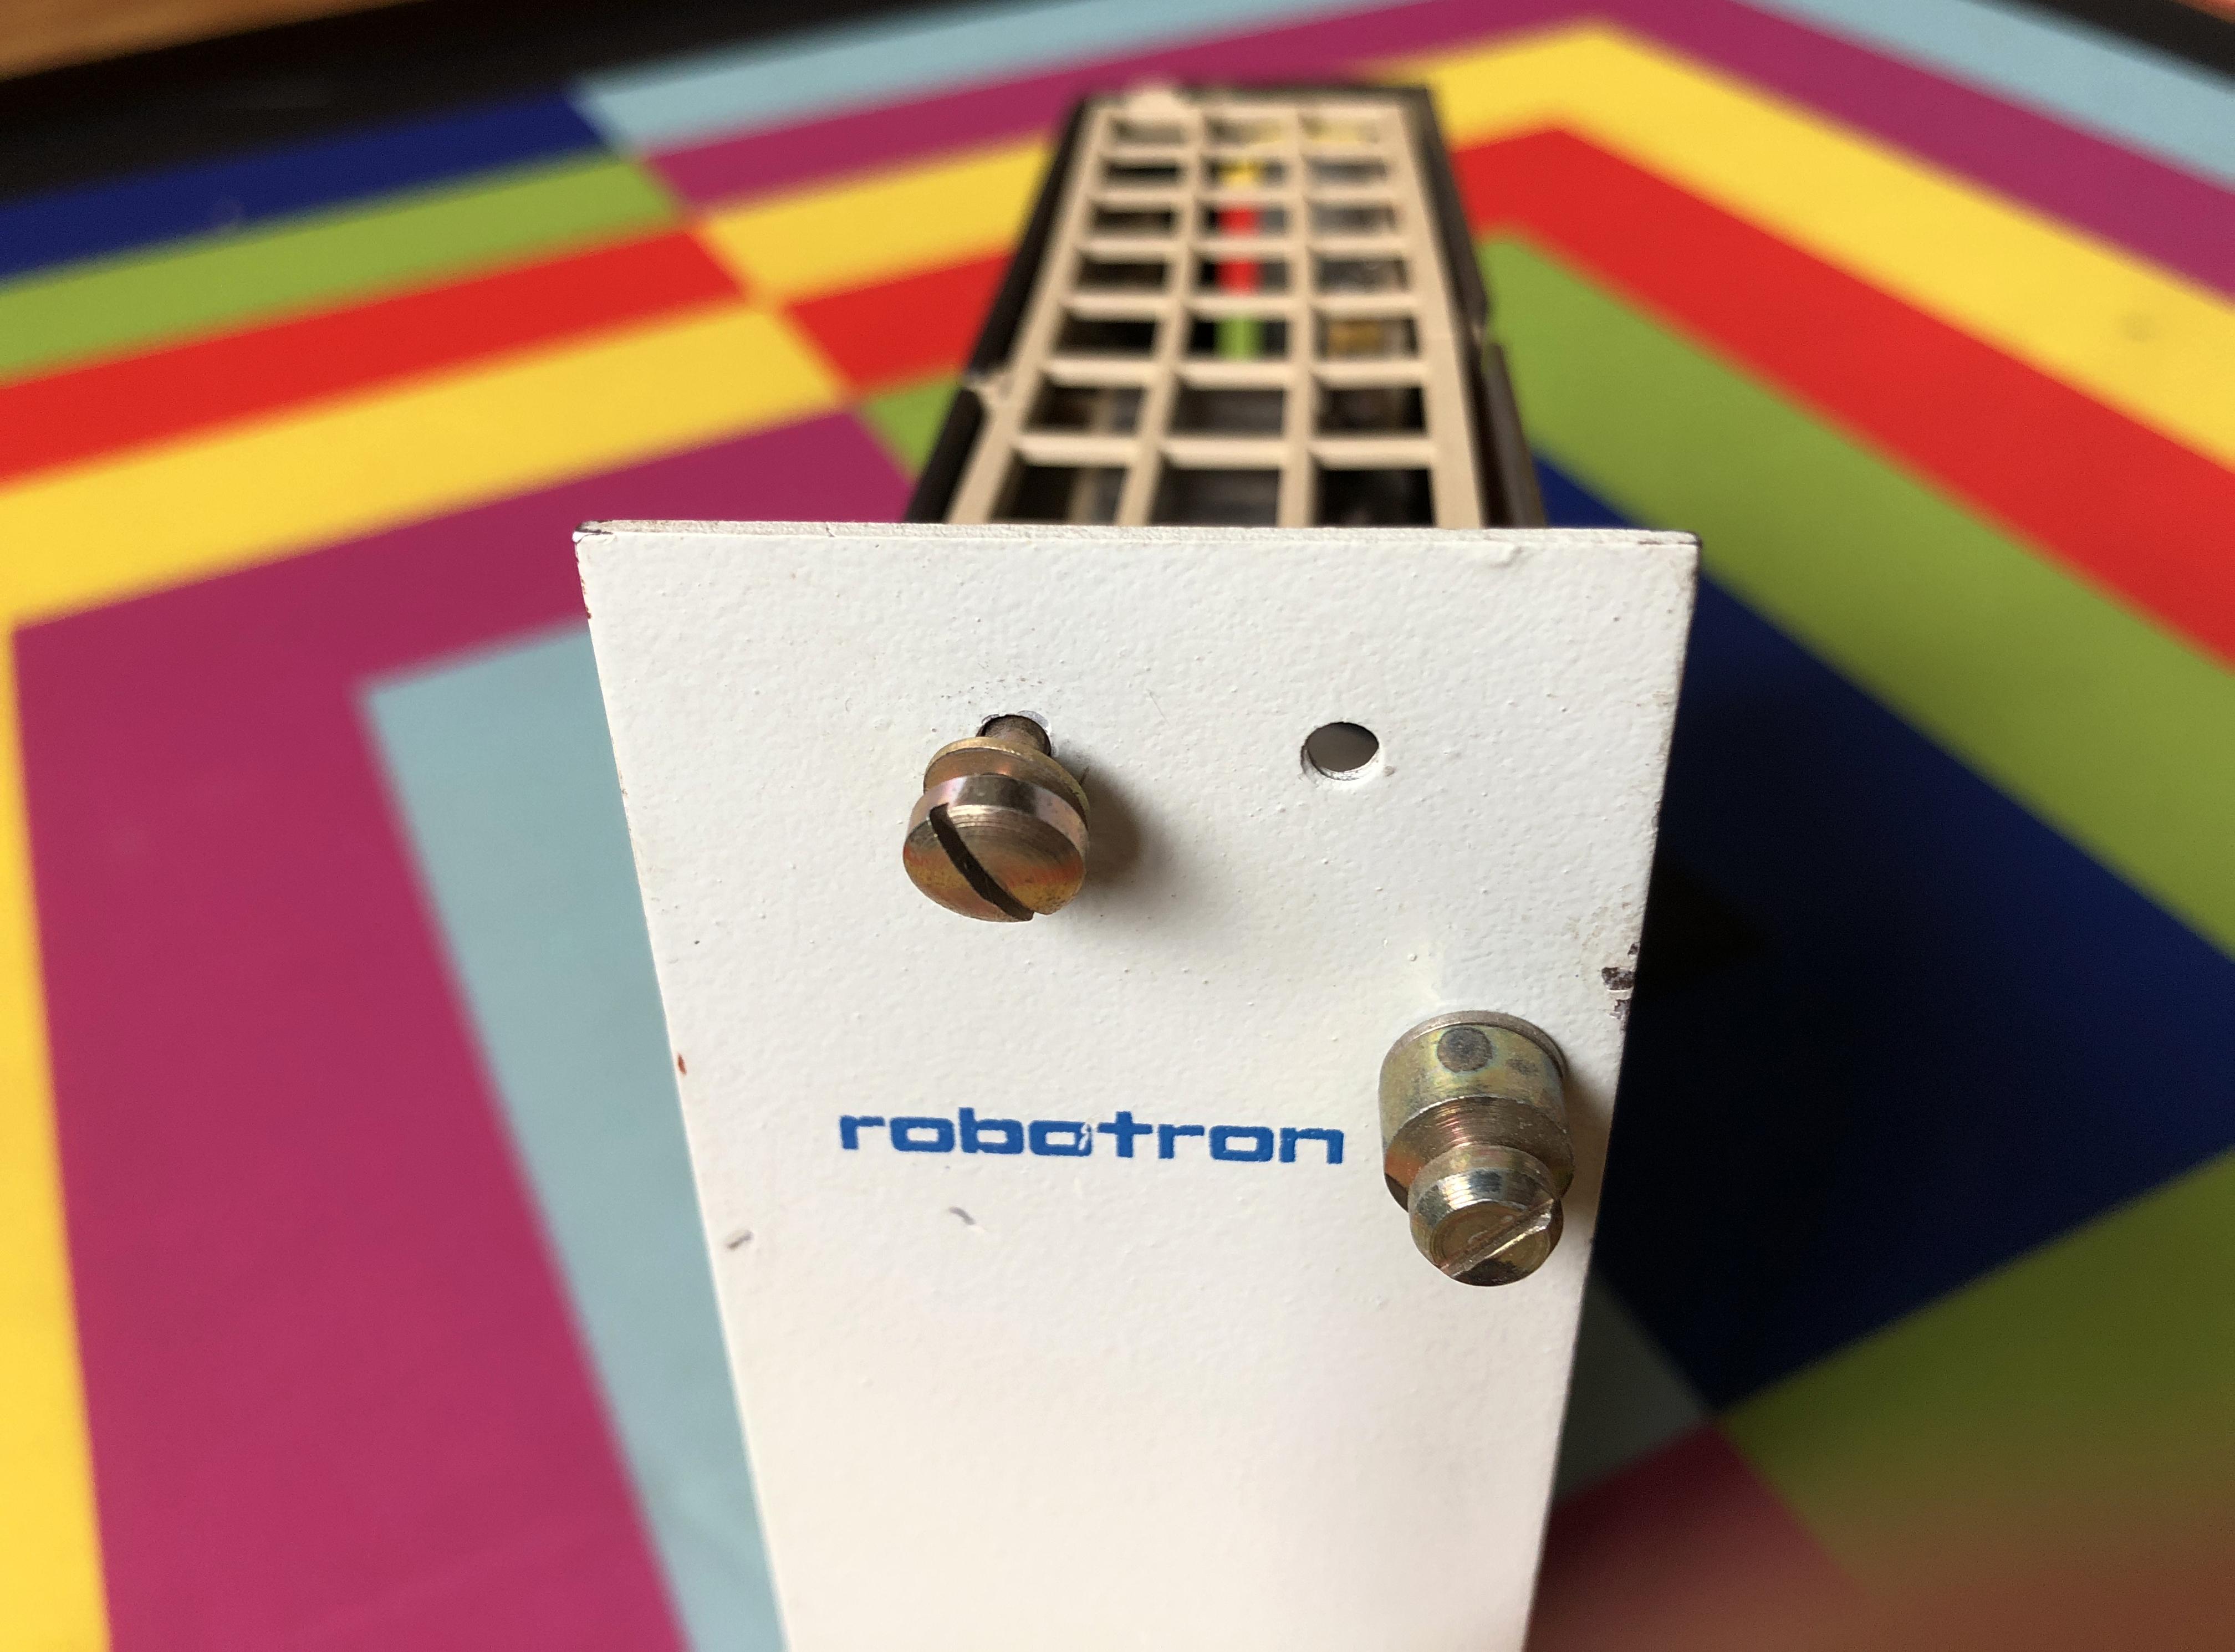 robotron-1-3.jpg